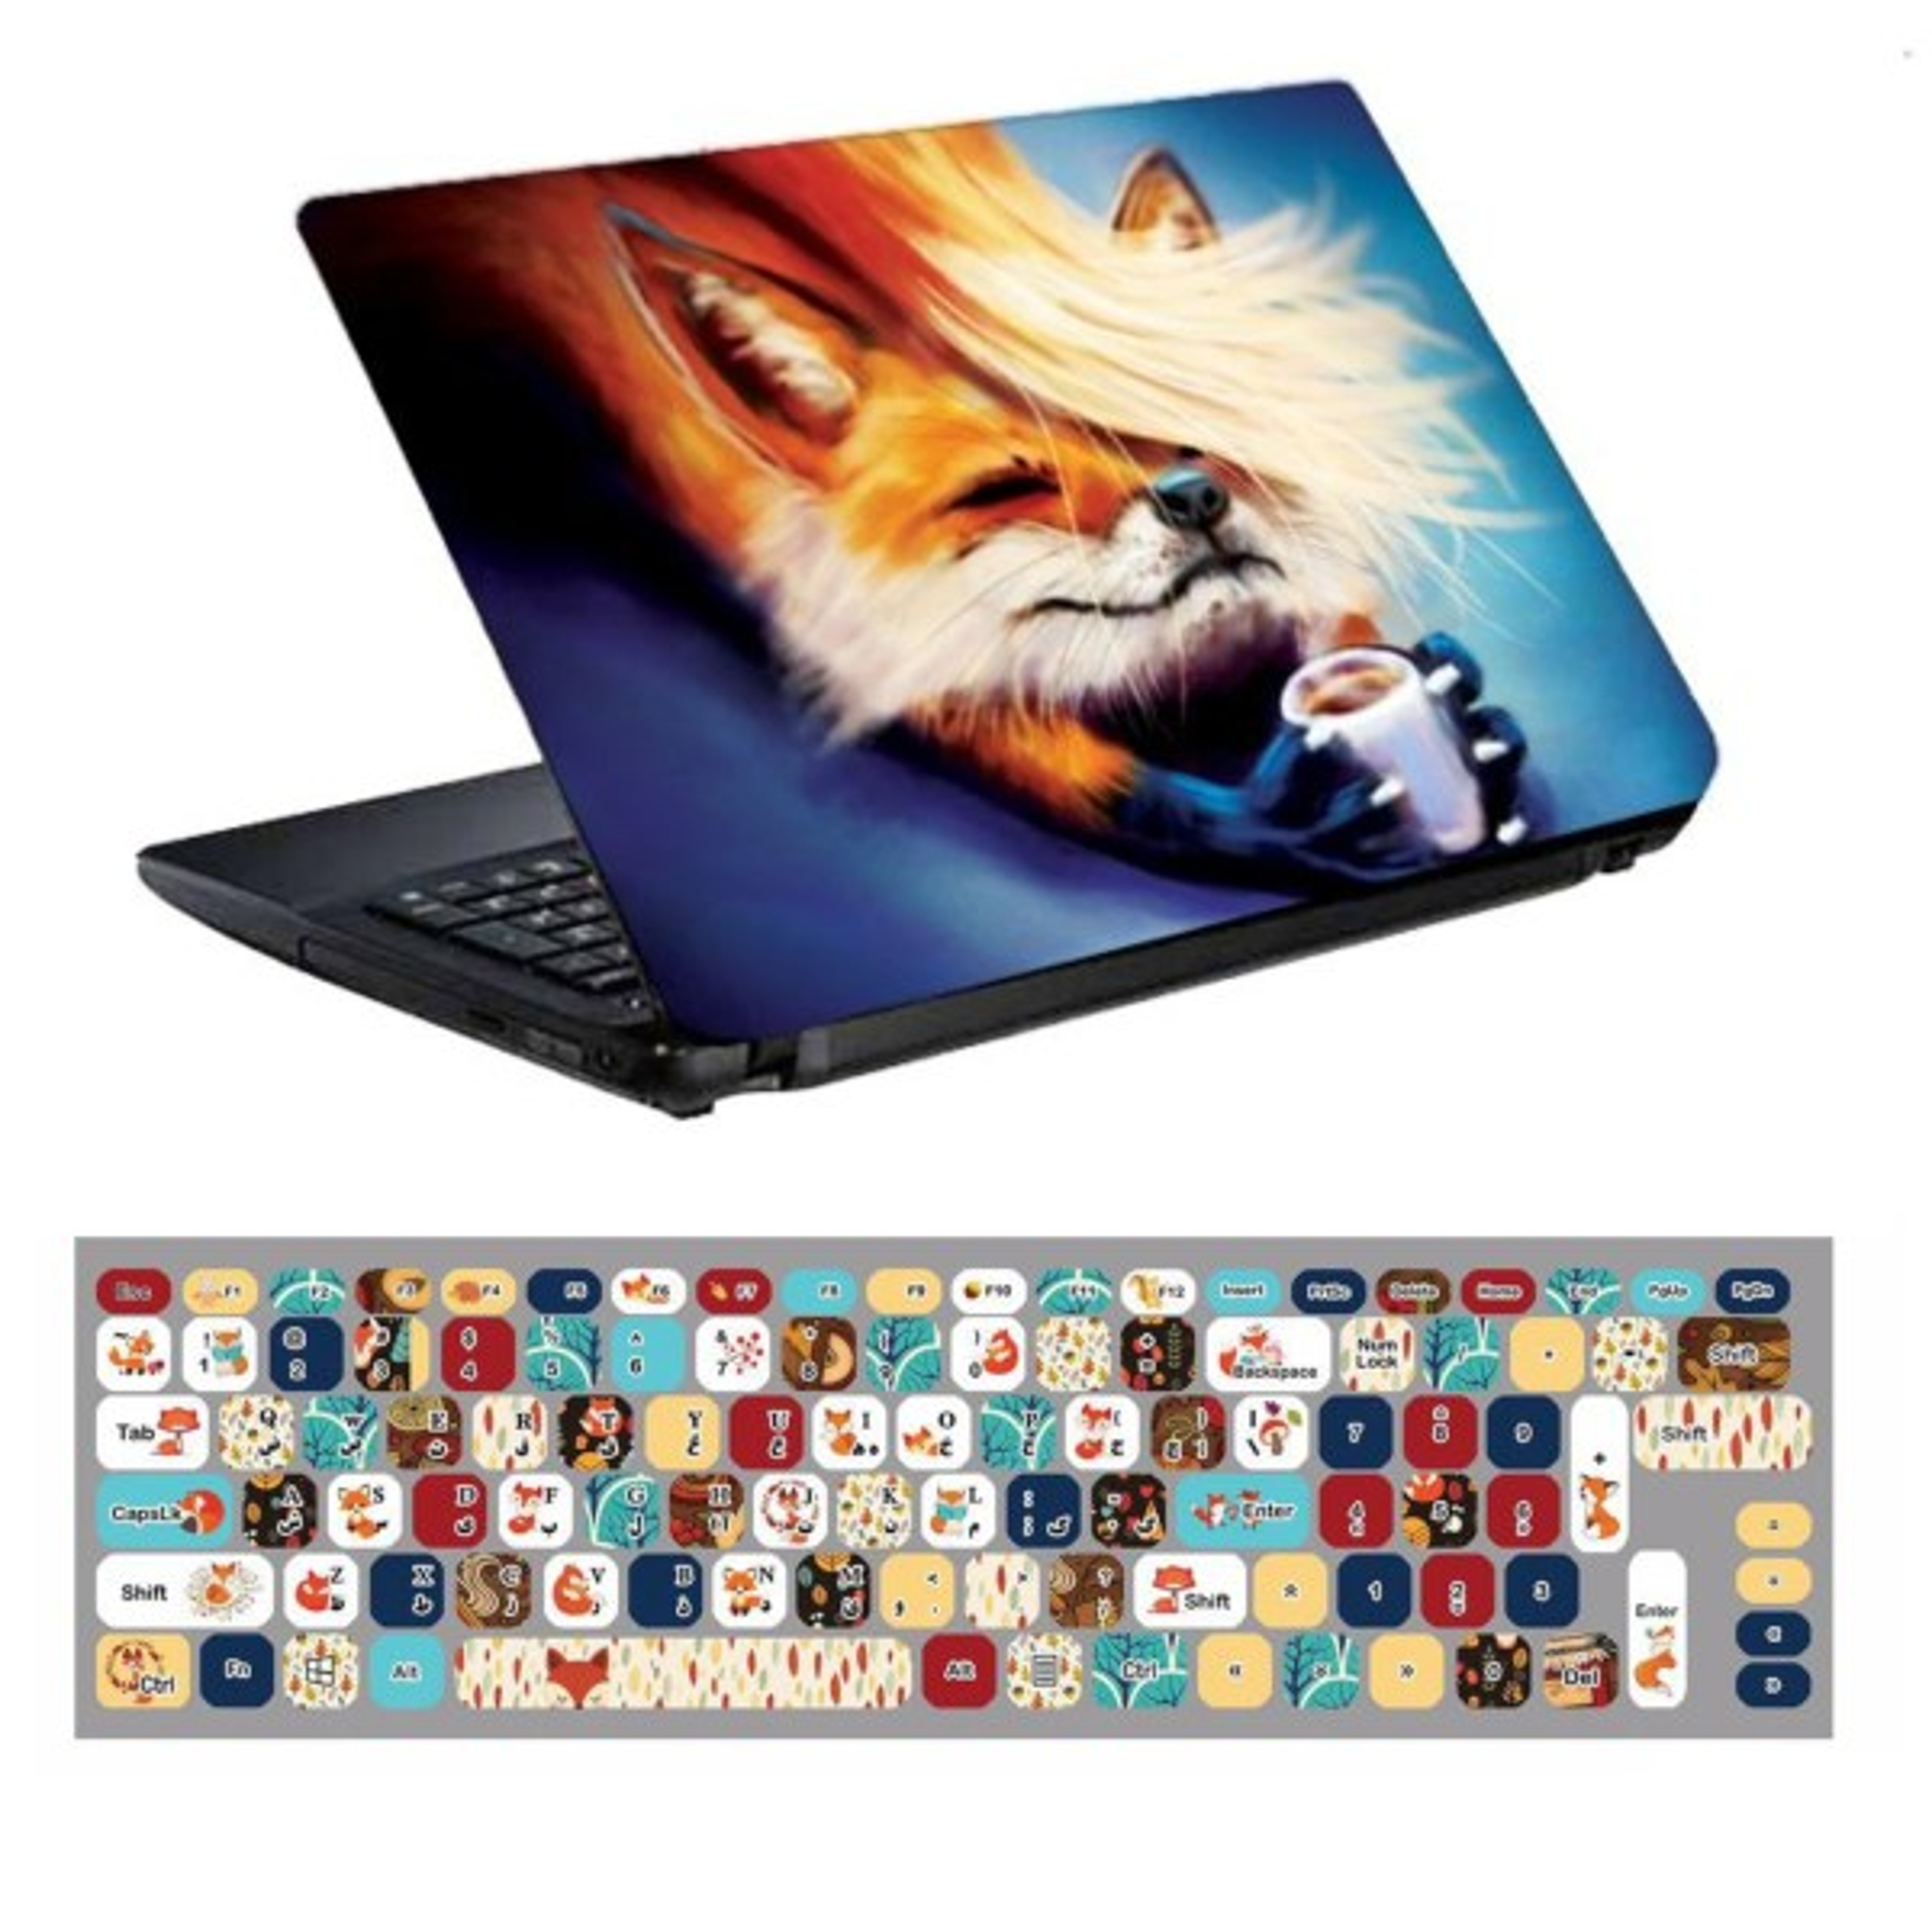 استیکر لپ تاپ طرح روباه کد 0909-98 مناسب برای لپ تاپ 15.6 اینچ به همراه برچسب حروف فارسی کیبورد